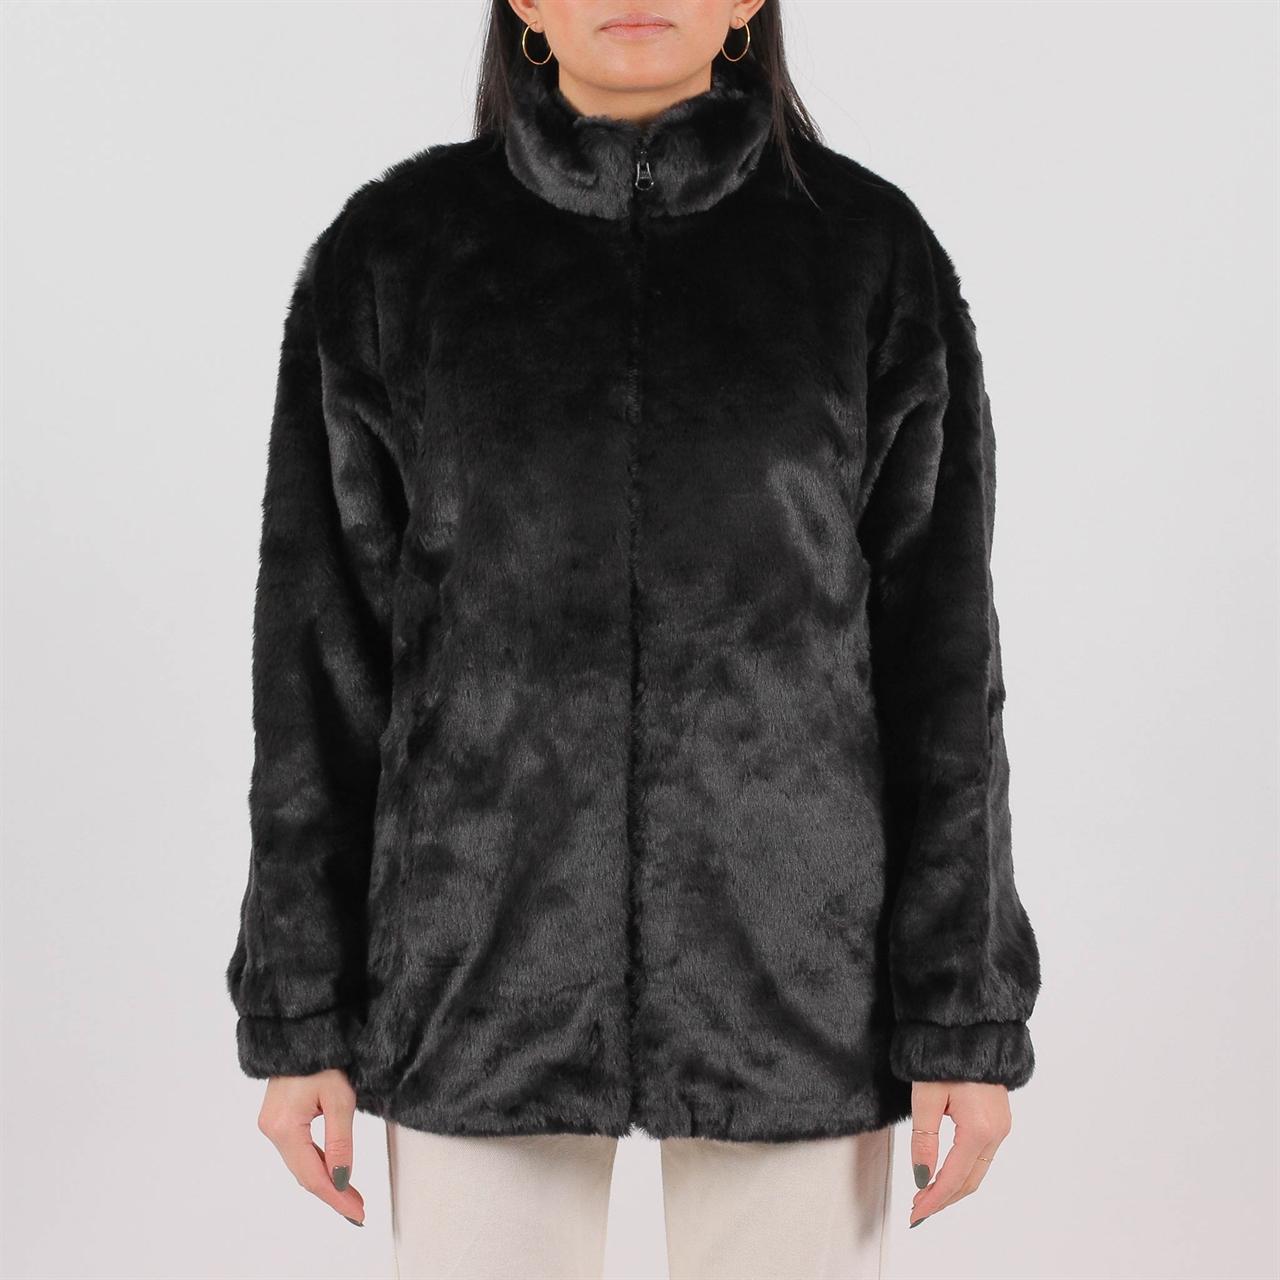 88cae306e Adidas Originals Womens Fur Jacket Black (DH4547) - Shelta